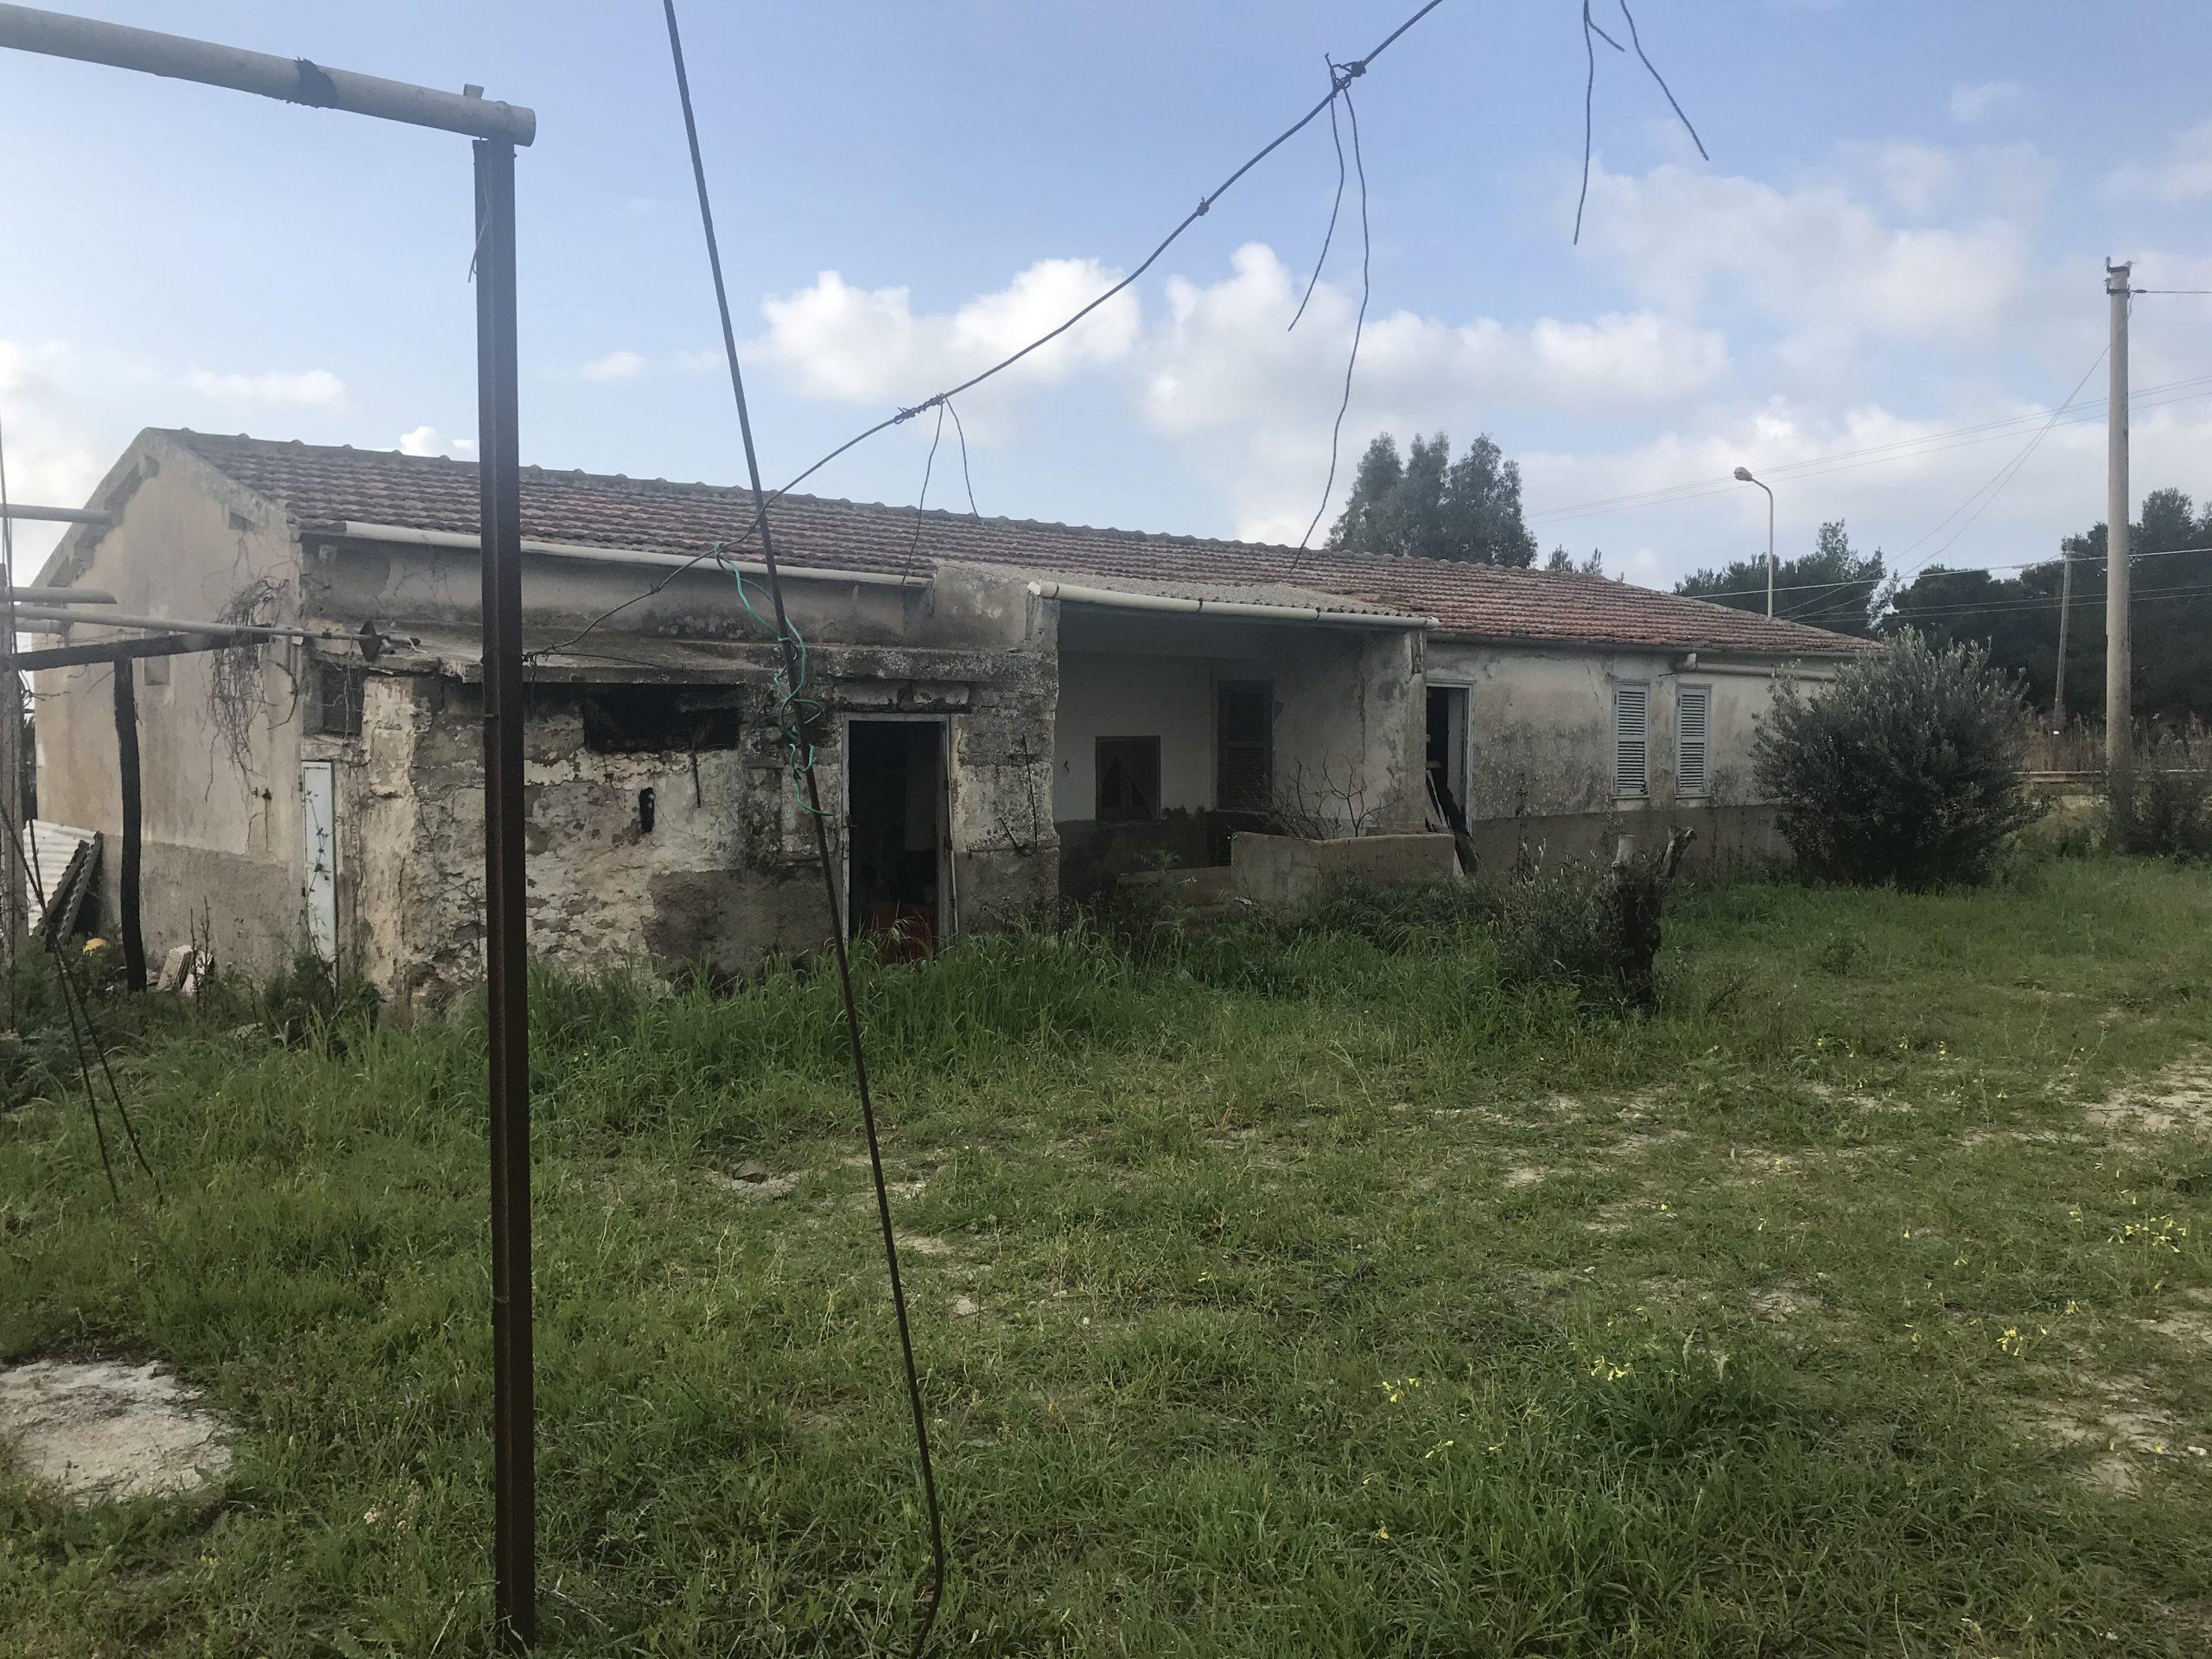 Casa in vendita in contrada Desusino s.n.c., Butera